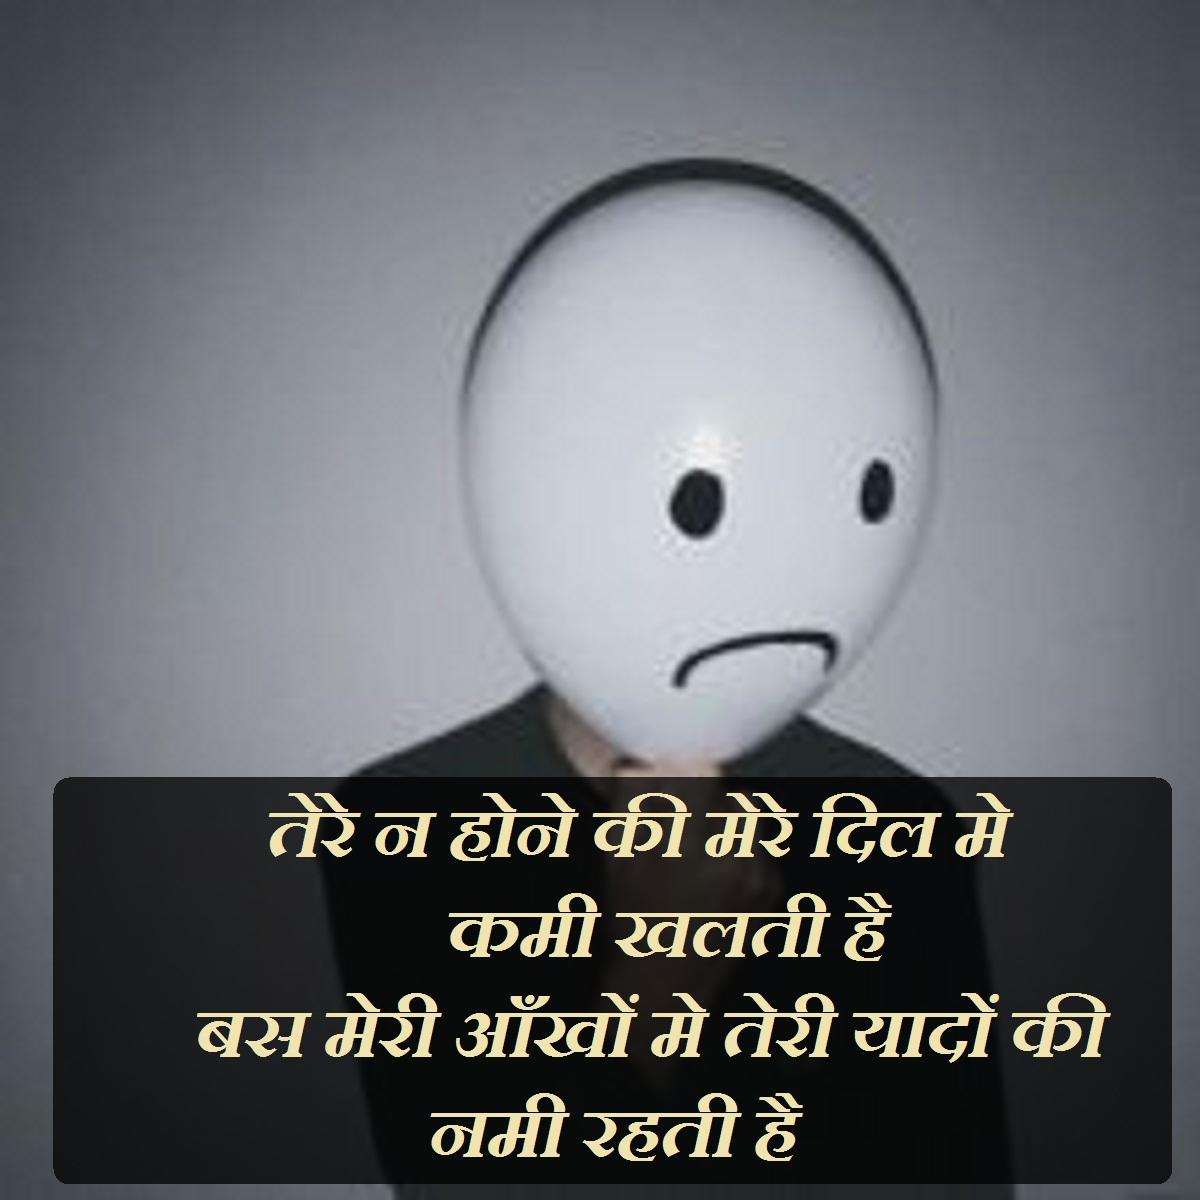 New] पढ़ें 250+ Sad Shayari In Hindi For GF & BF With Images